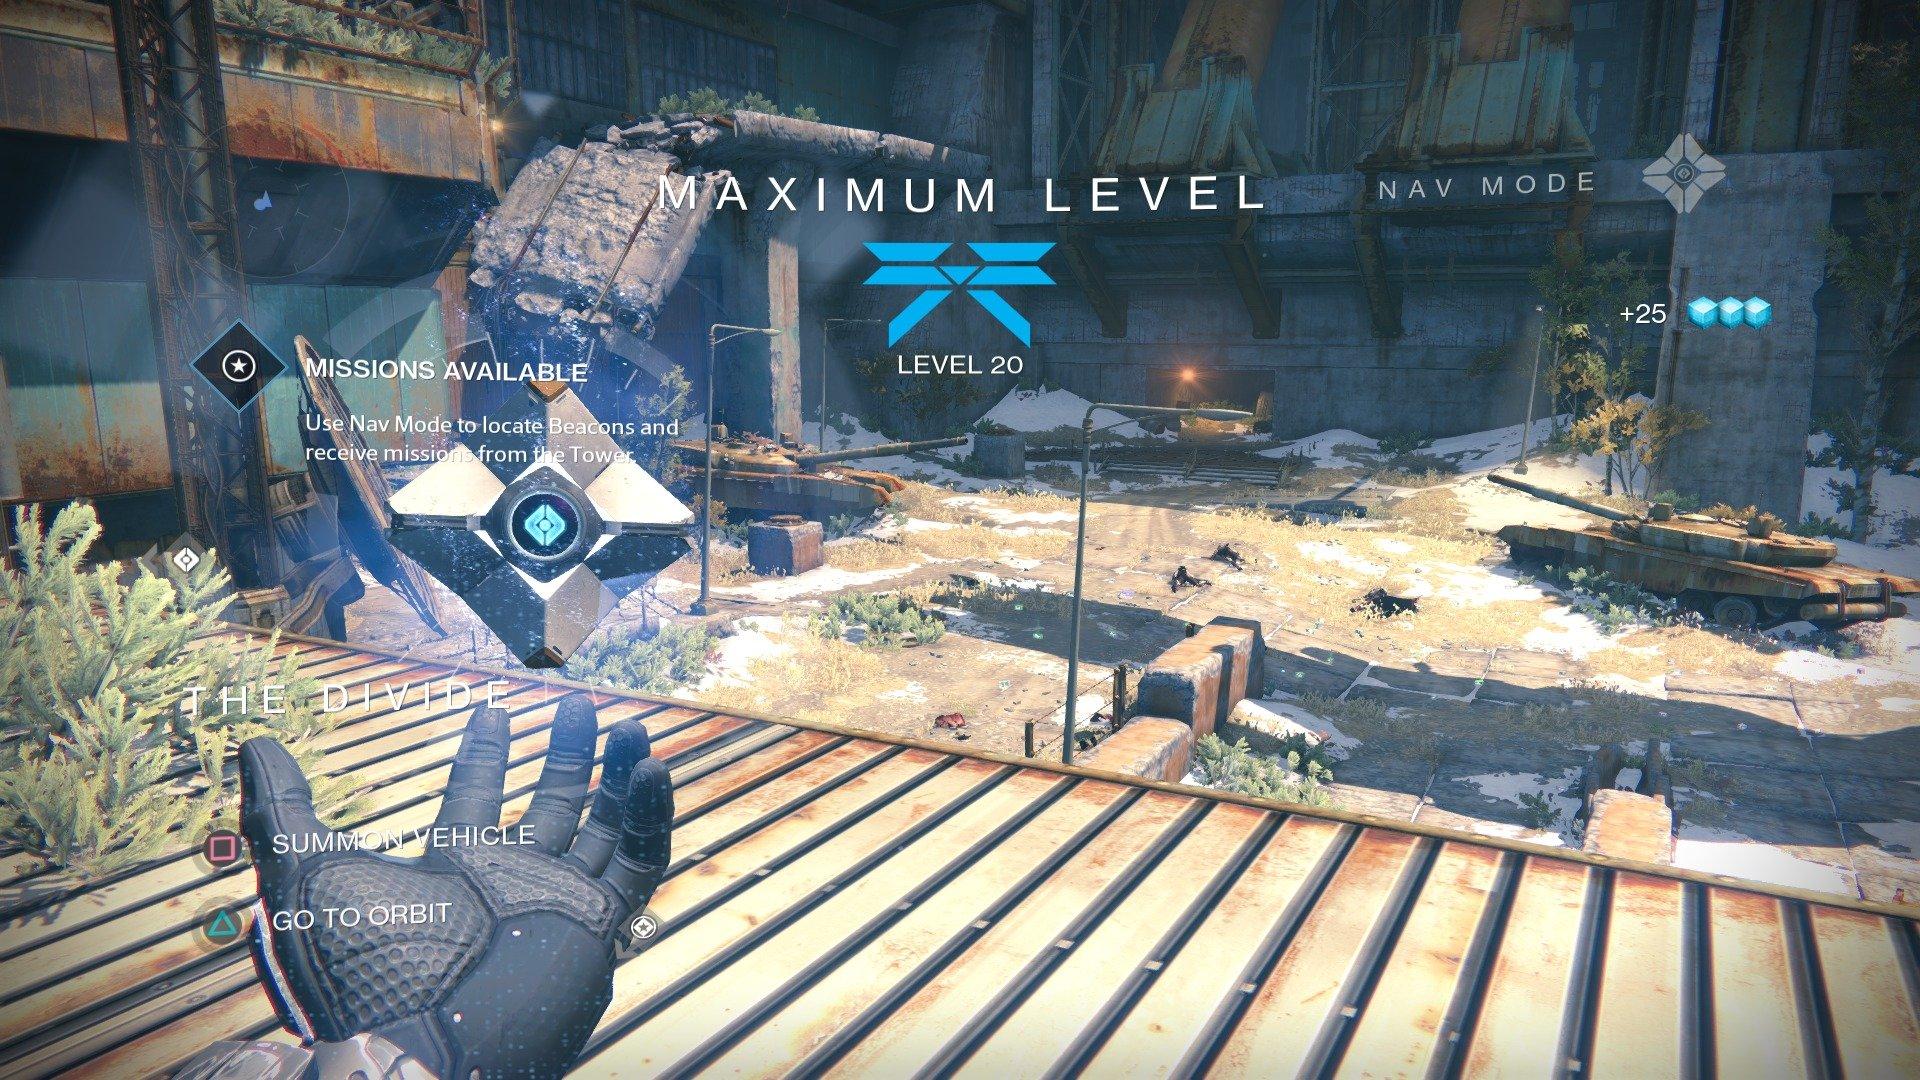 Destiny: Моменты Триумфа. 45 дней до дедлайна - Изображение 4